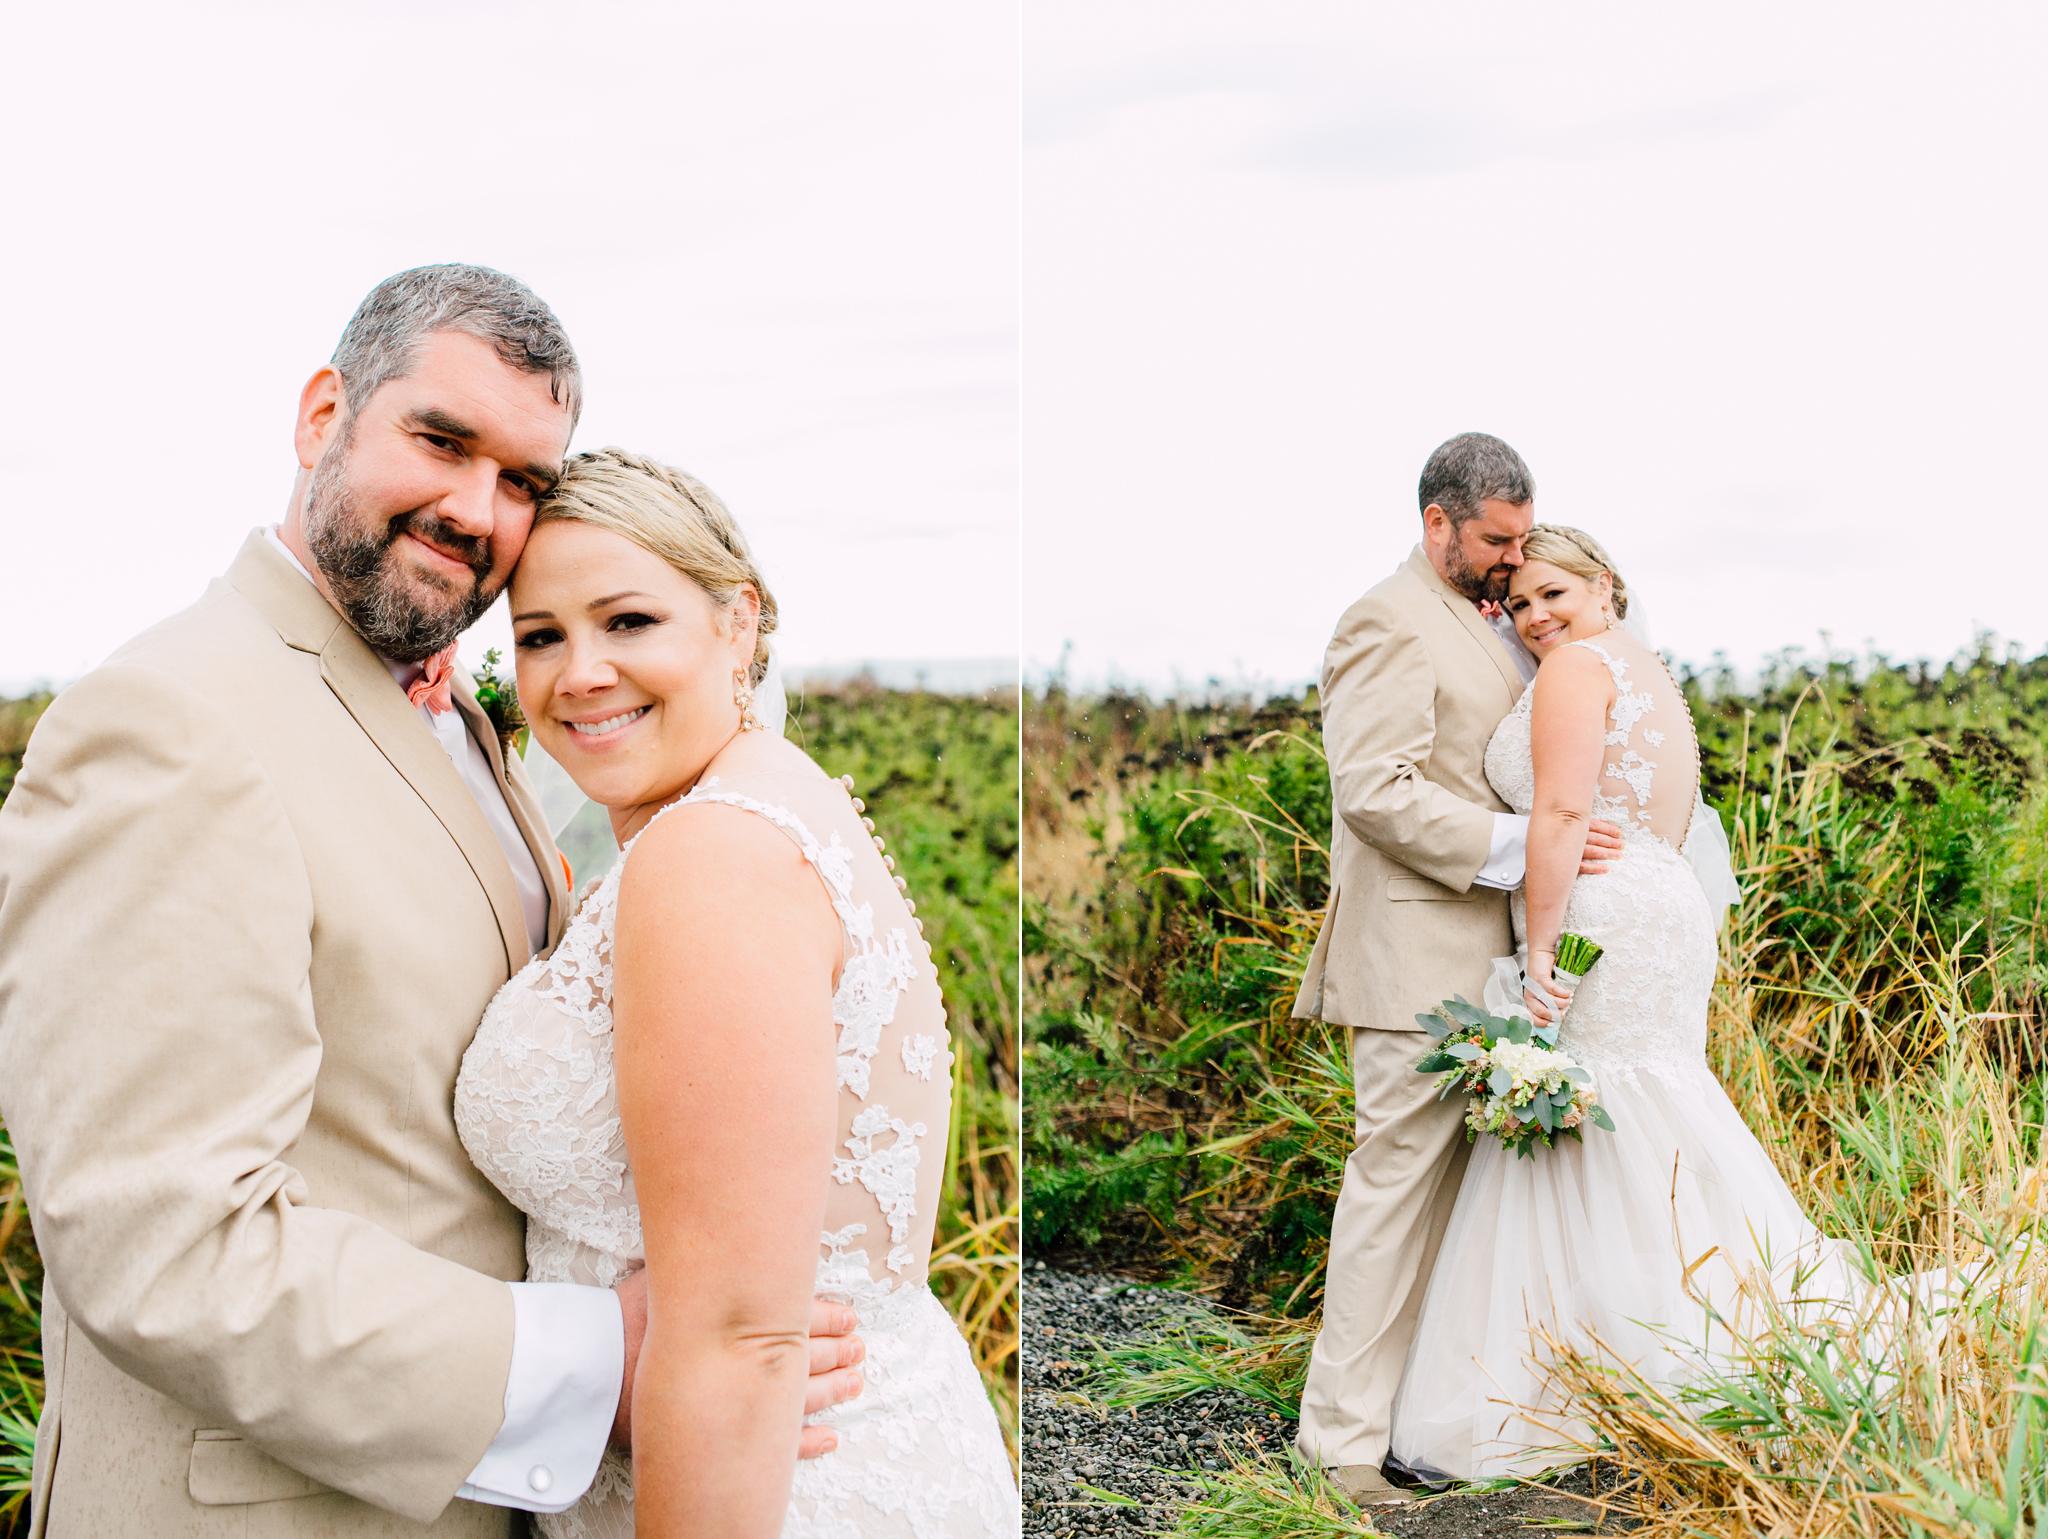 019-bellingham-wedding-photographer-beach-katheryn-moran-elisa-phillip.jpg